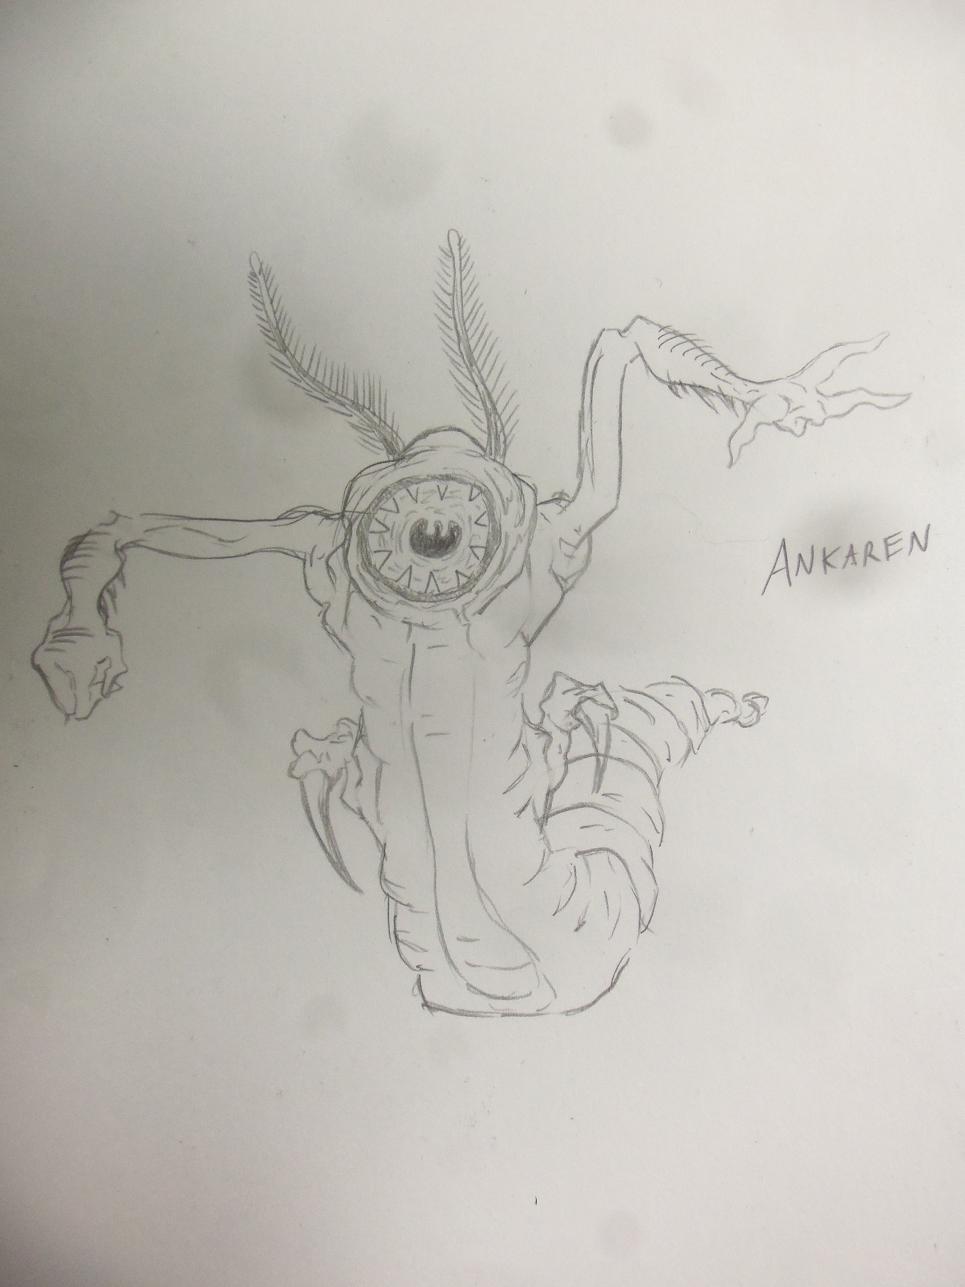 Ankaren